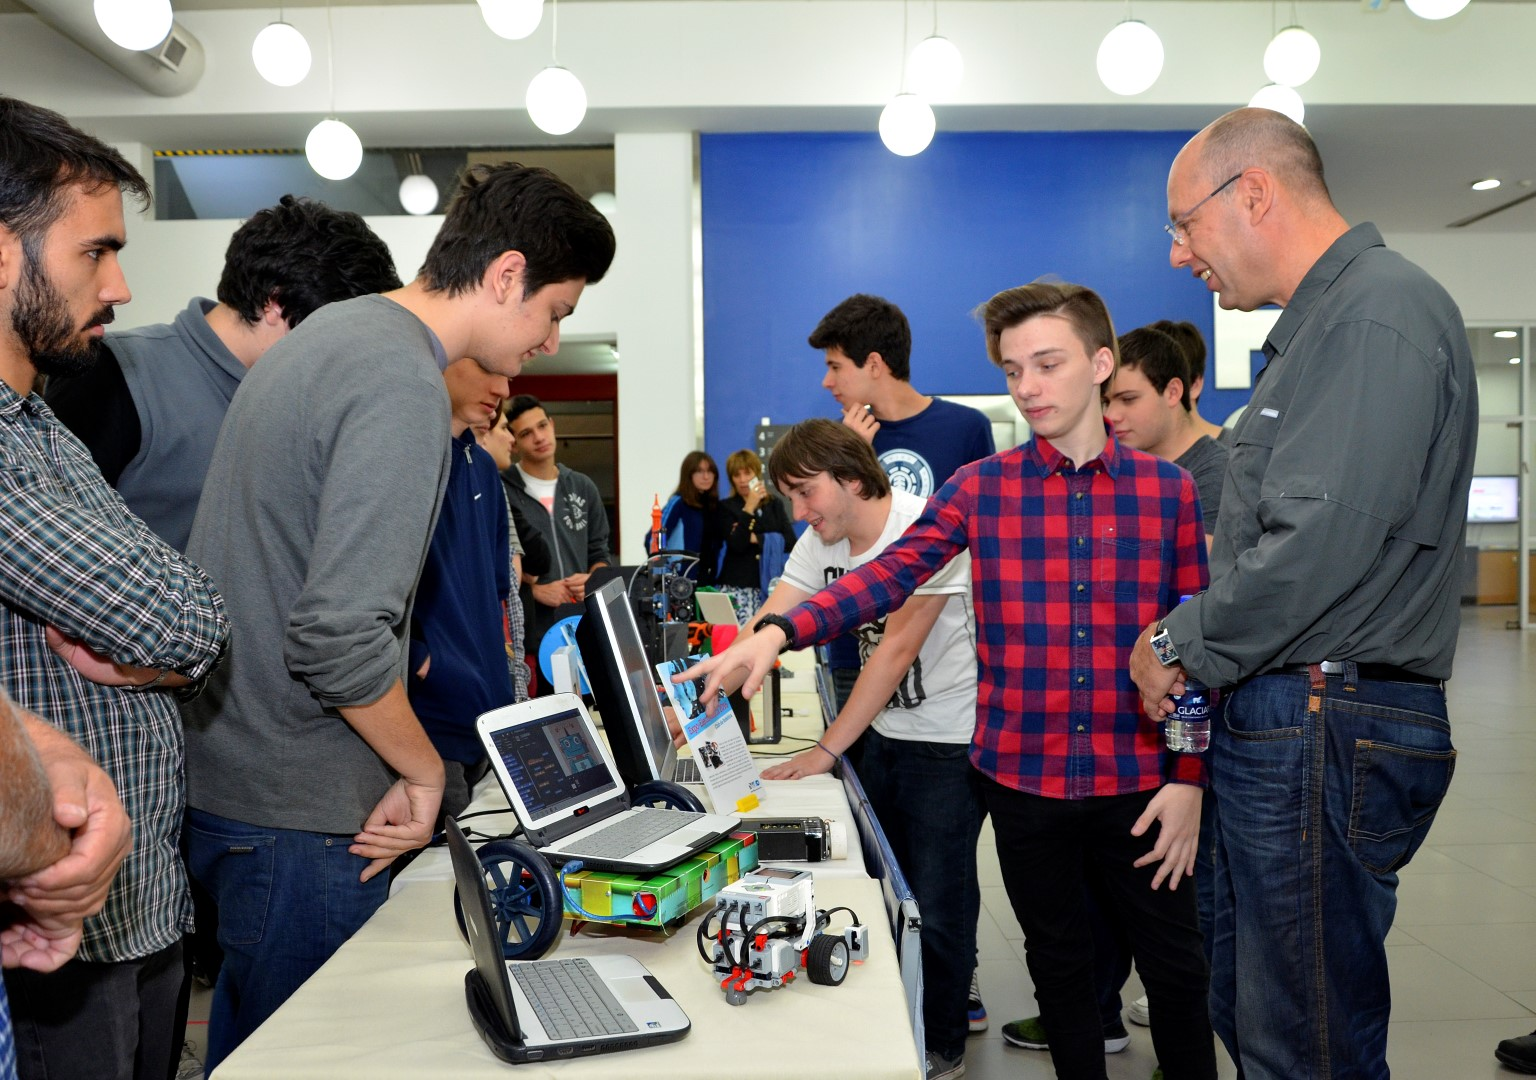 Visita del Dr. Shai Avidan, Profesor de Robótica de la Universidad de Tel Aviv